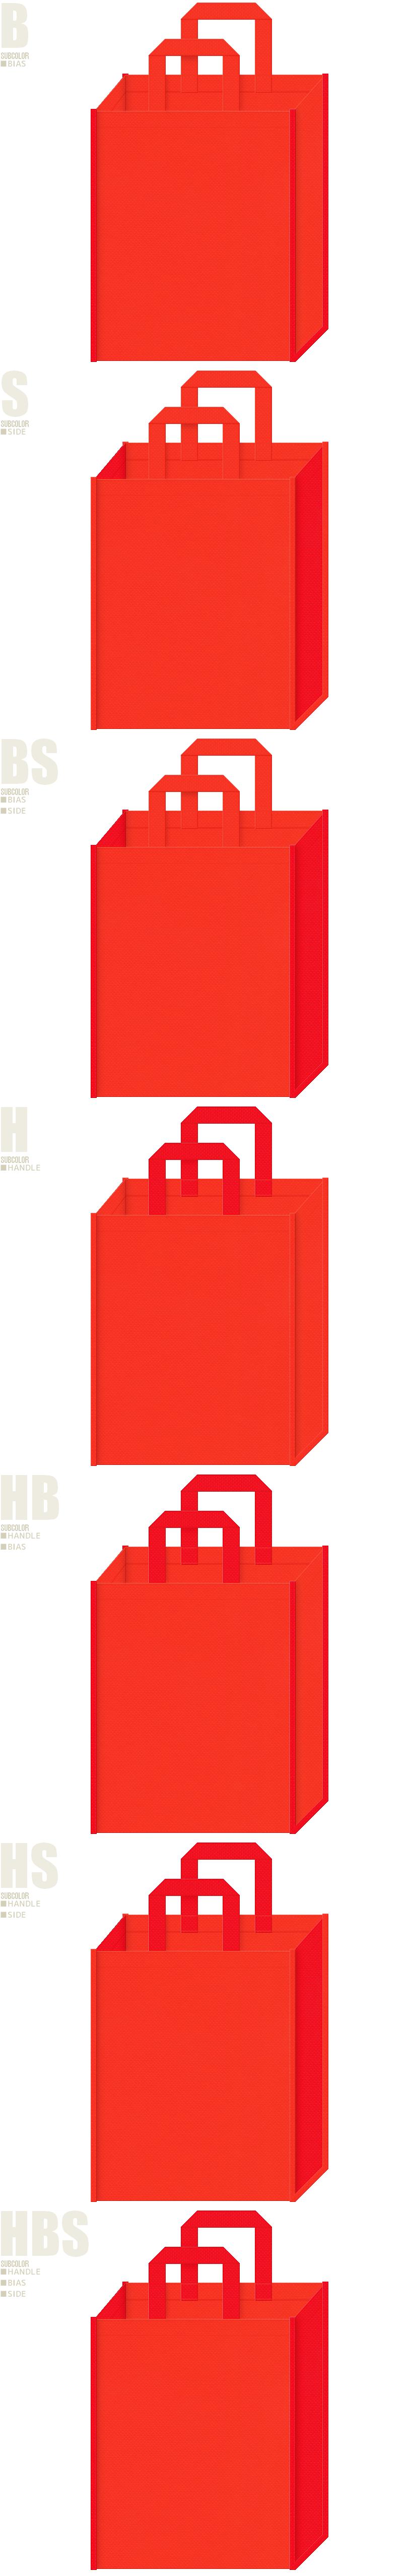 スポーツイベント・太陽・エネルギーのイメージにお奨めの不織布バッグデザイン:オレンジ色と赤色の配色7パターン